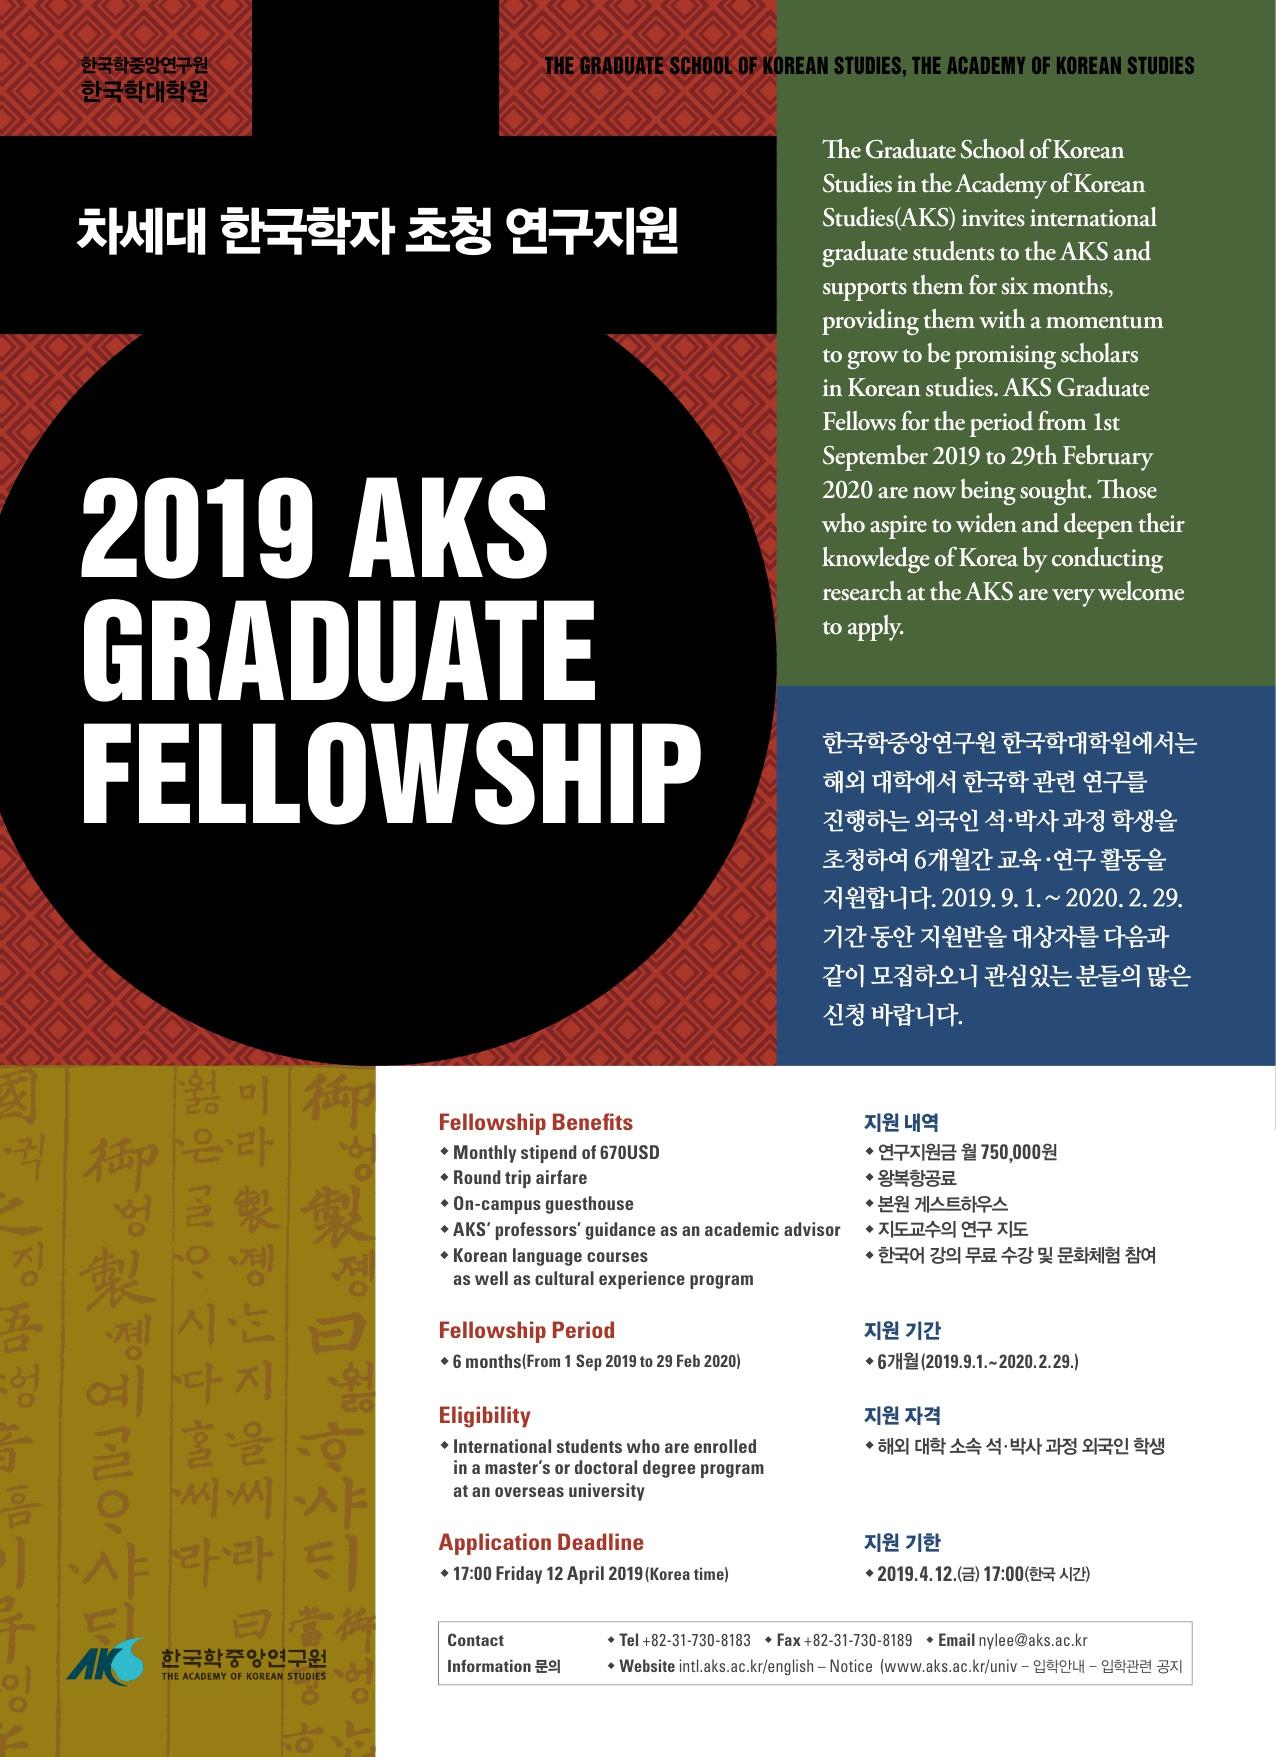 [붙임]붙임 1. 포스터_AKS Graduate Fellowship.jpg